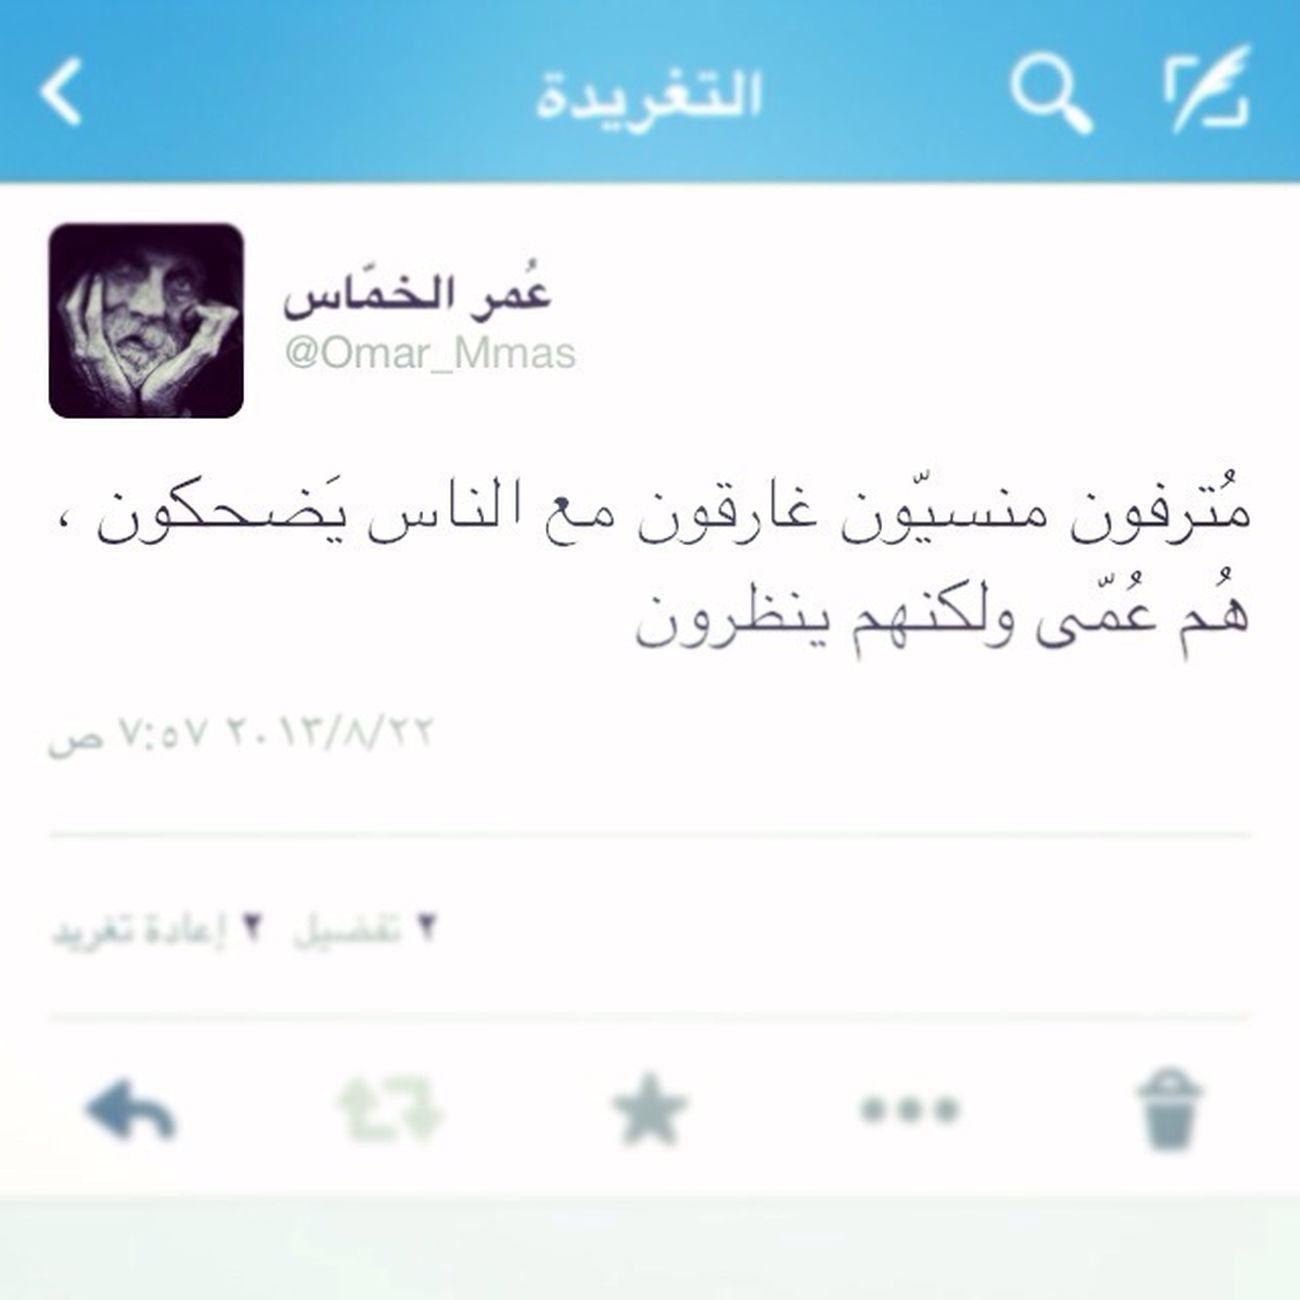 تغريدة بقلمي جامعة الملك فيصل خاطرة